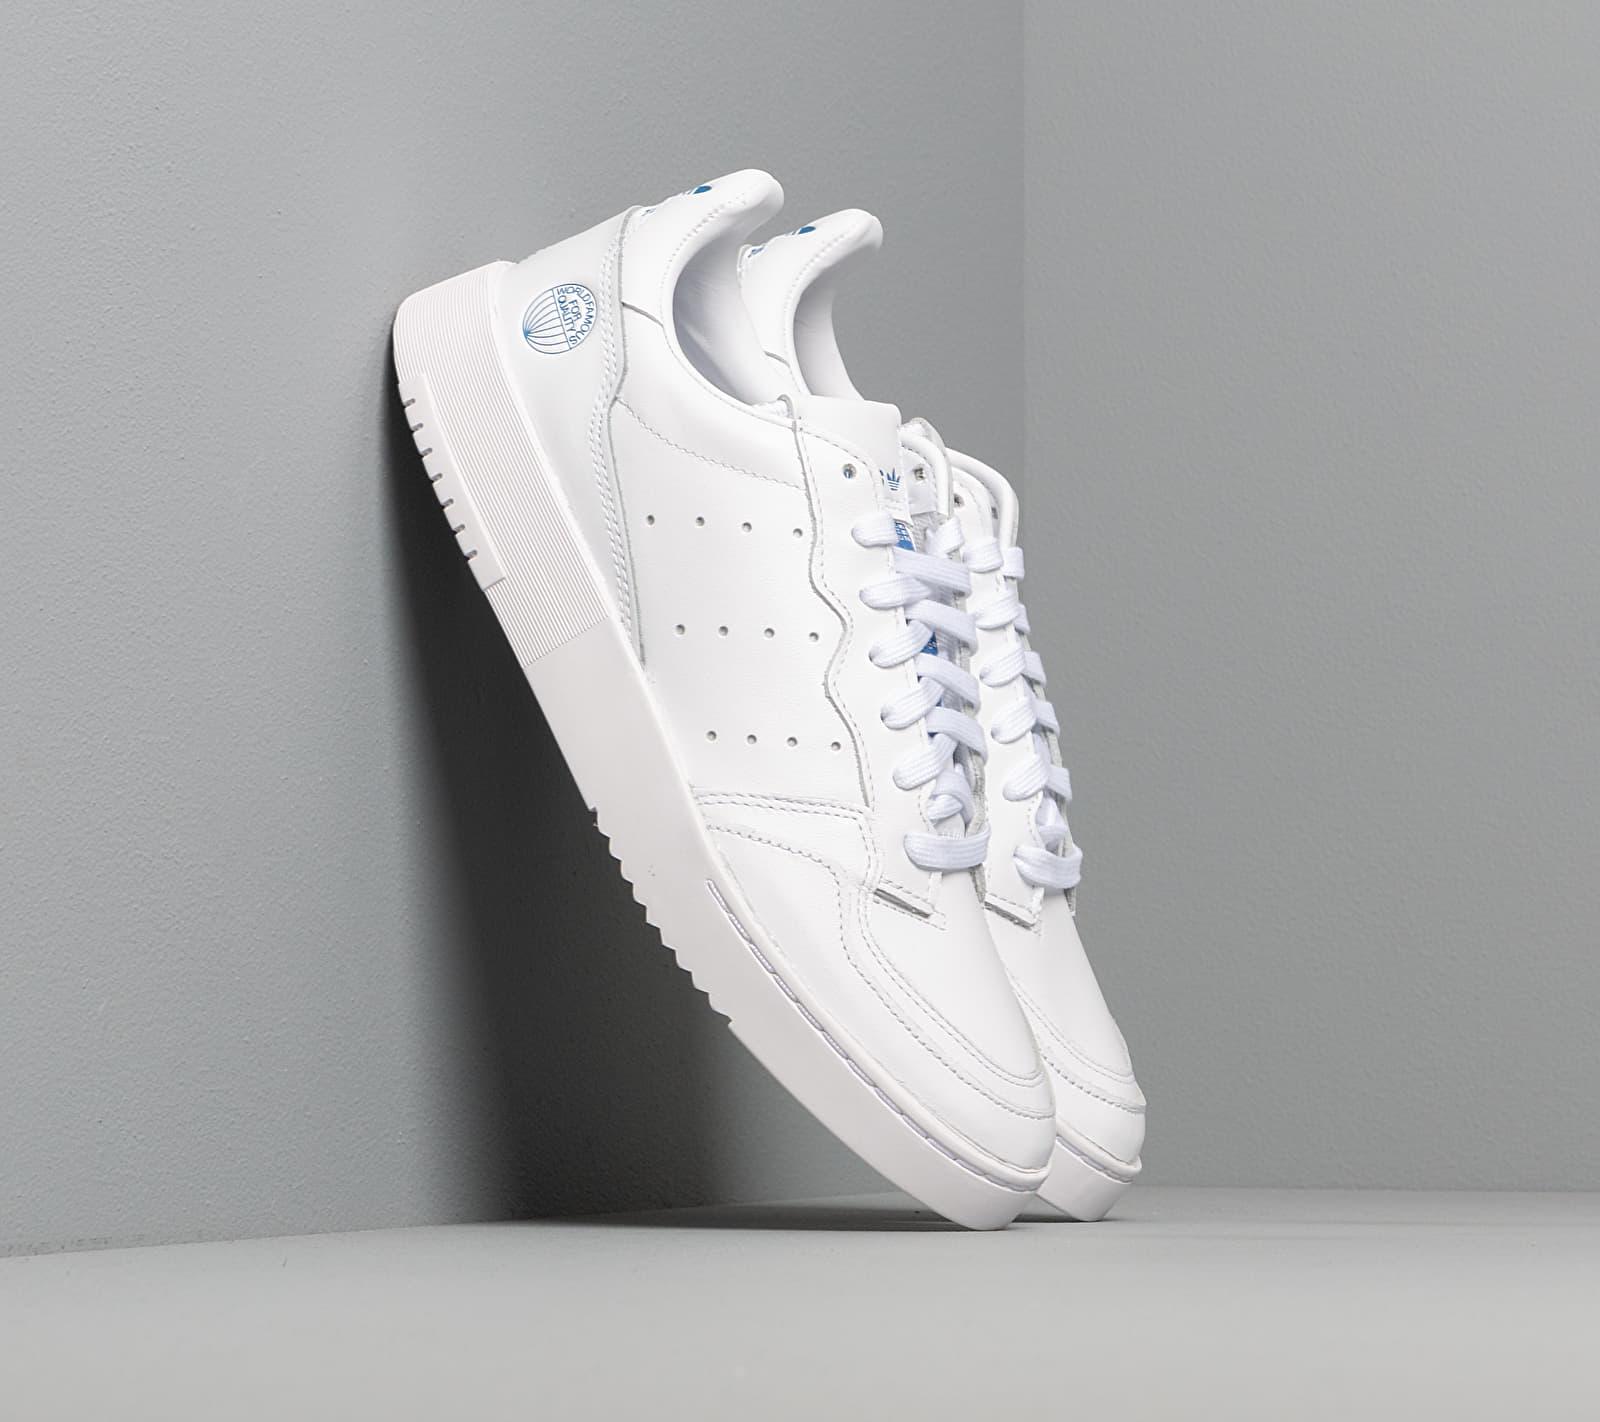 adidas Supercourt Ftw White/ Ftw White/ Blue Bird EF5887